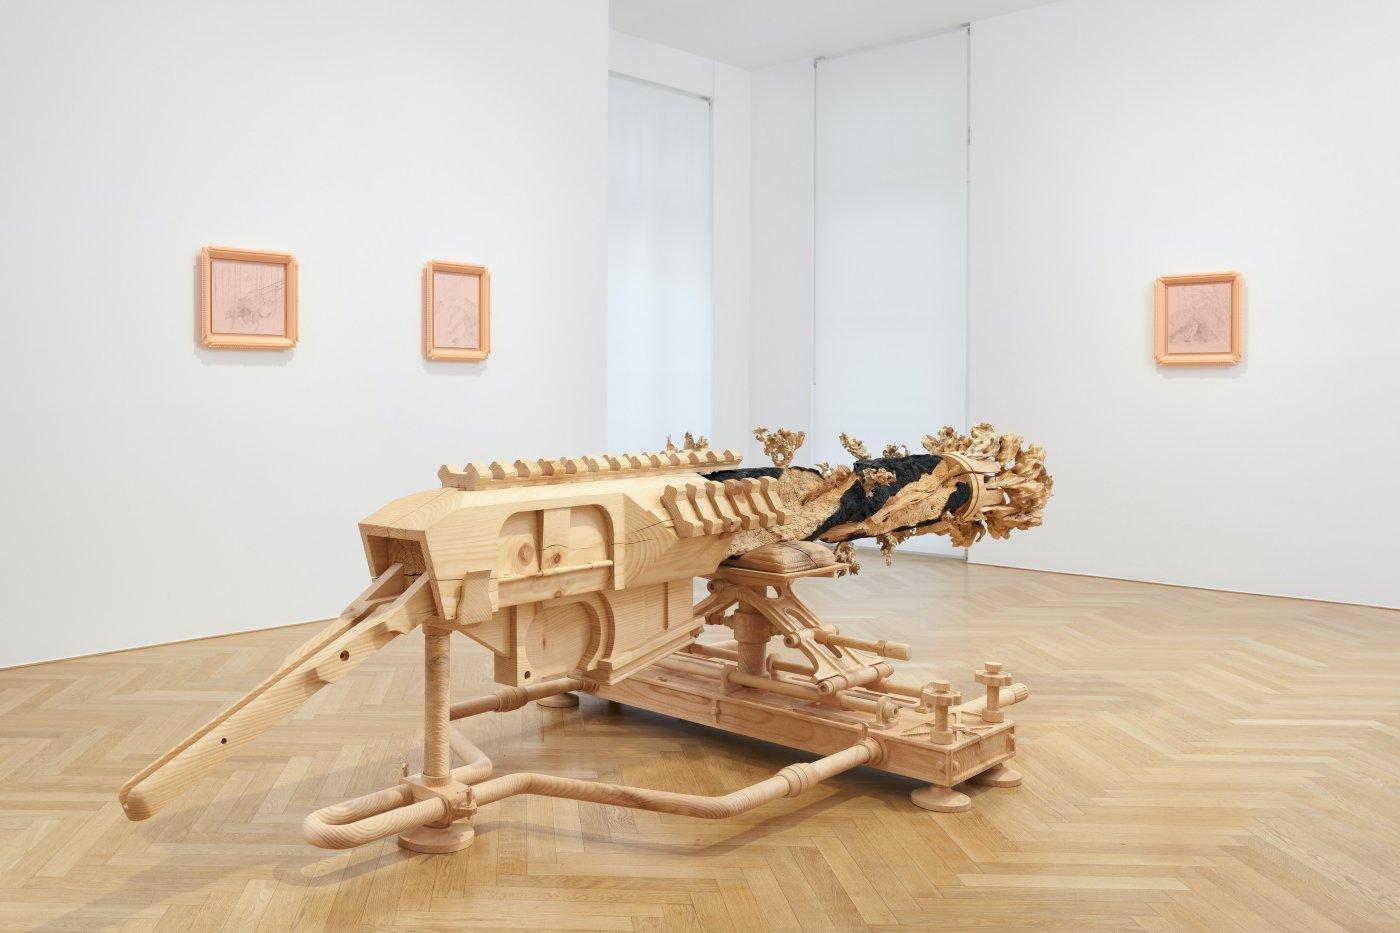 Galerie Max Hetzler Matthew Barney 5